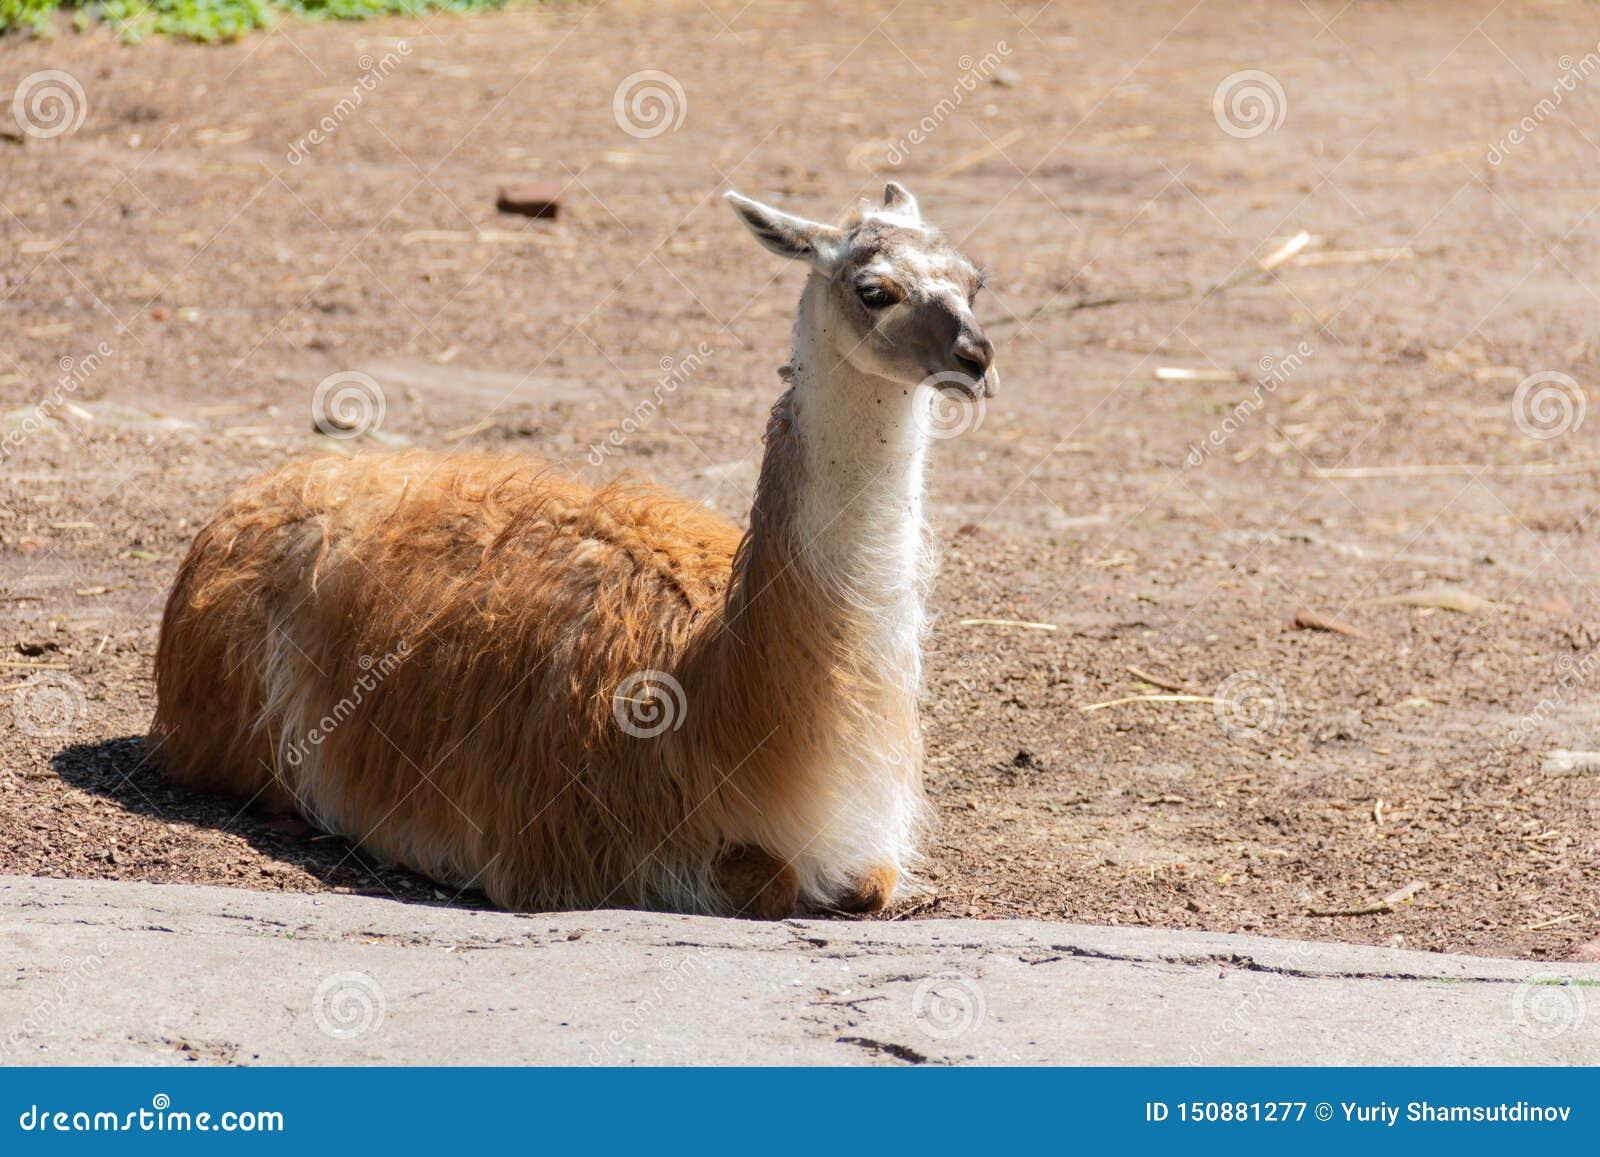 De lama ligt op het gazon en geniet van de warme zonneschijn